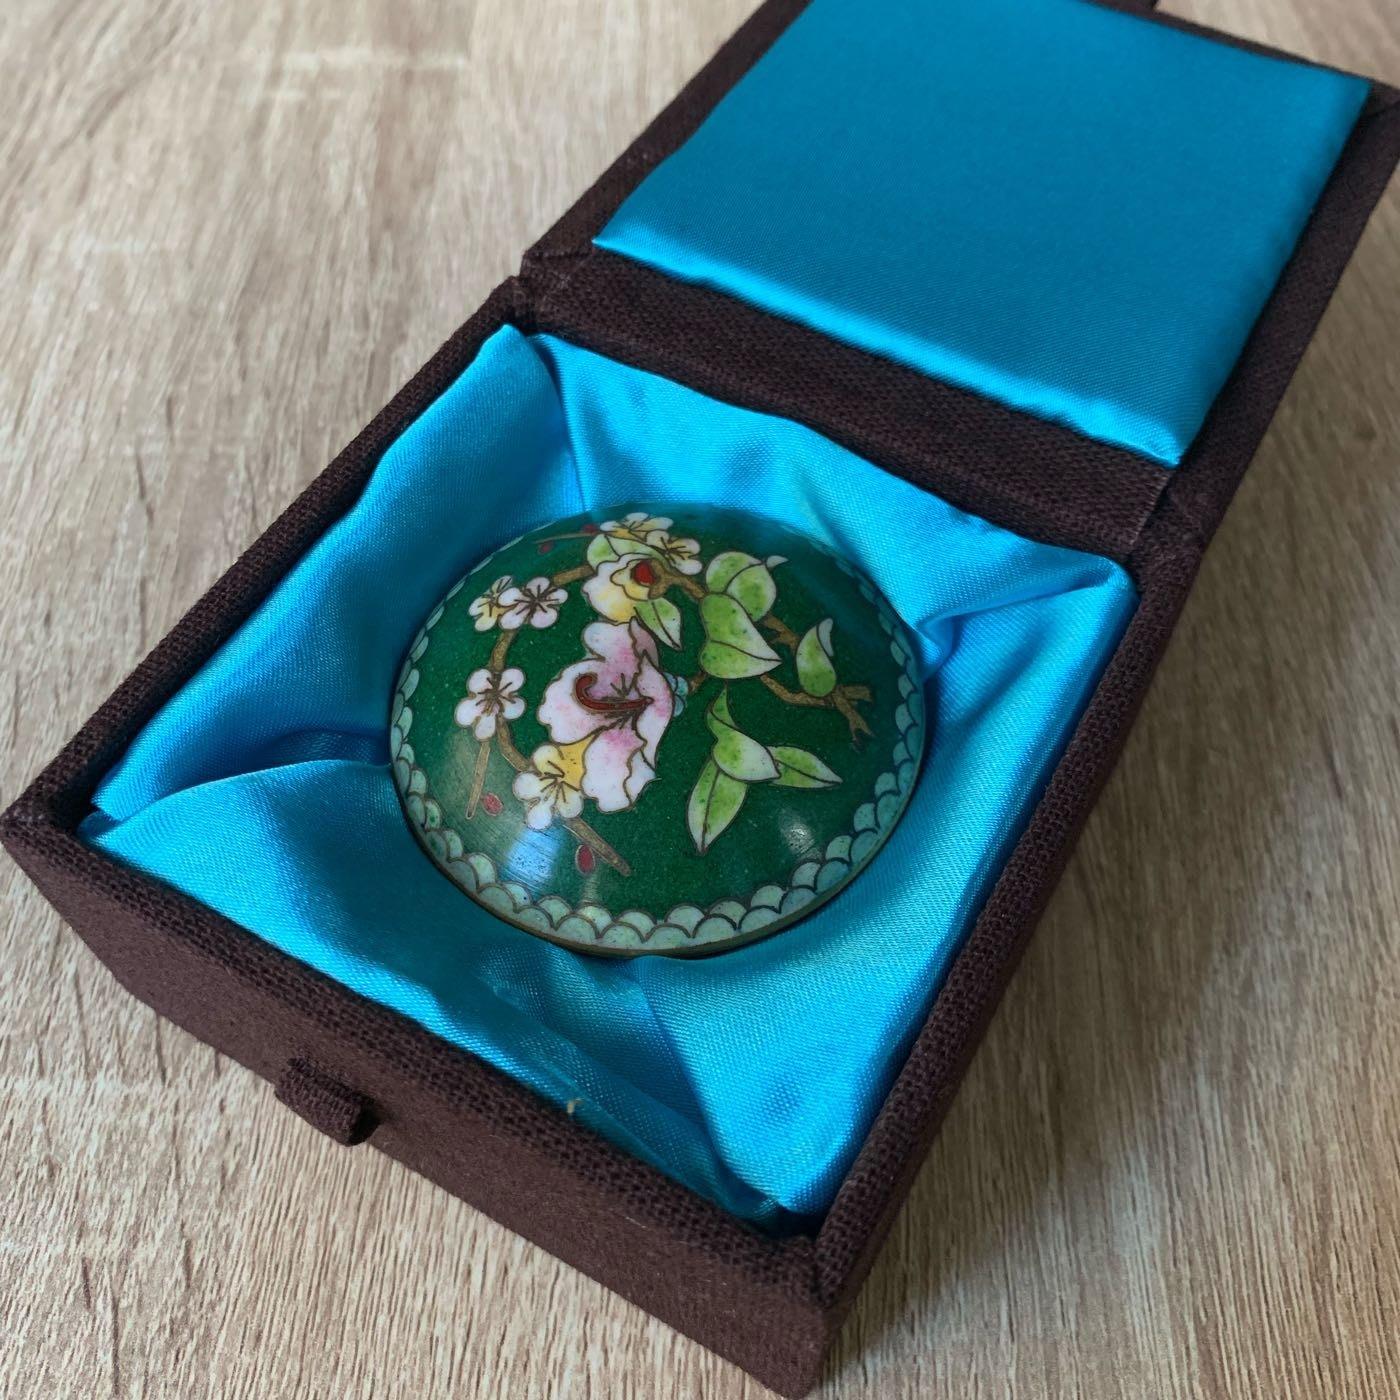 早期收藏-景泰藍 掐絲琺瑯 綠地花卉小扁圓盒008